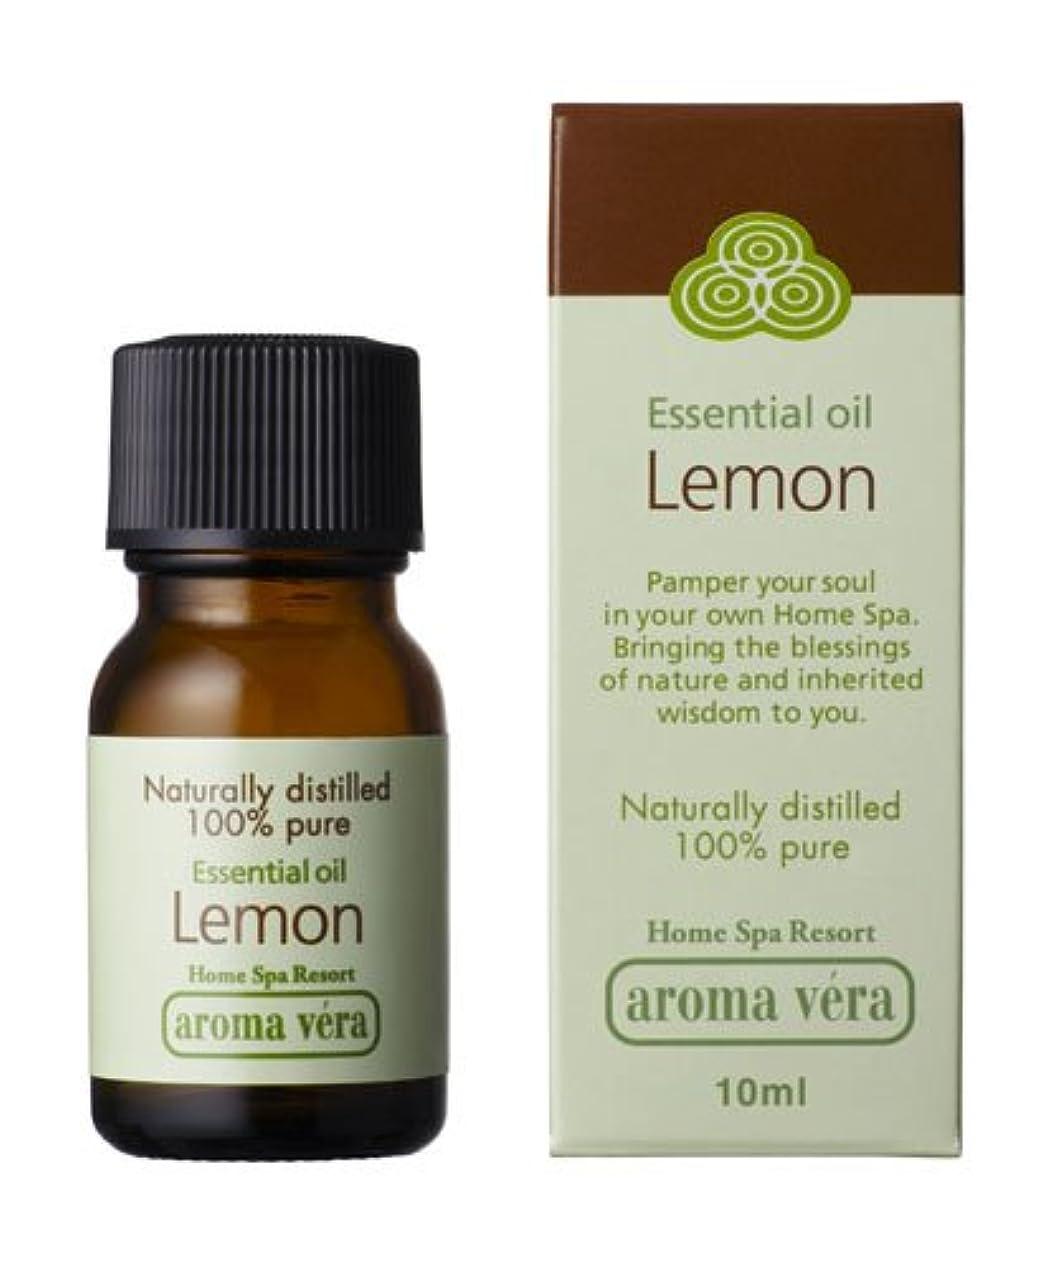 くるみアウトドアホールアロマベラ エッセンシャルオイル レモン 10ml